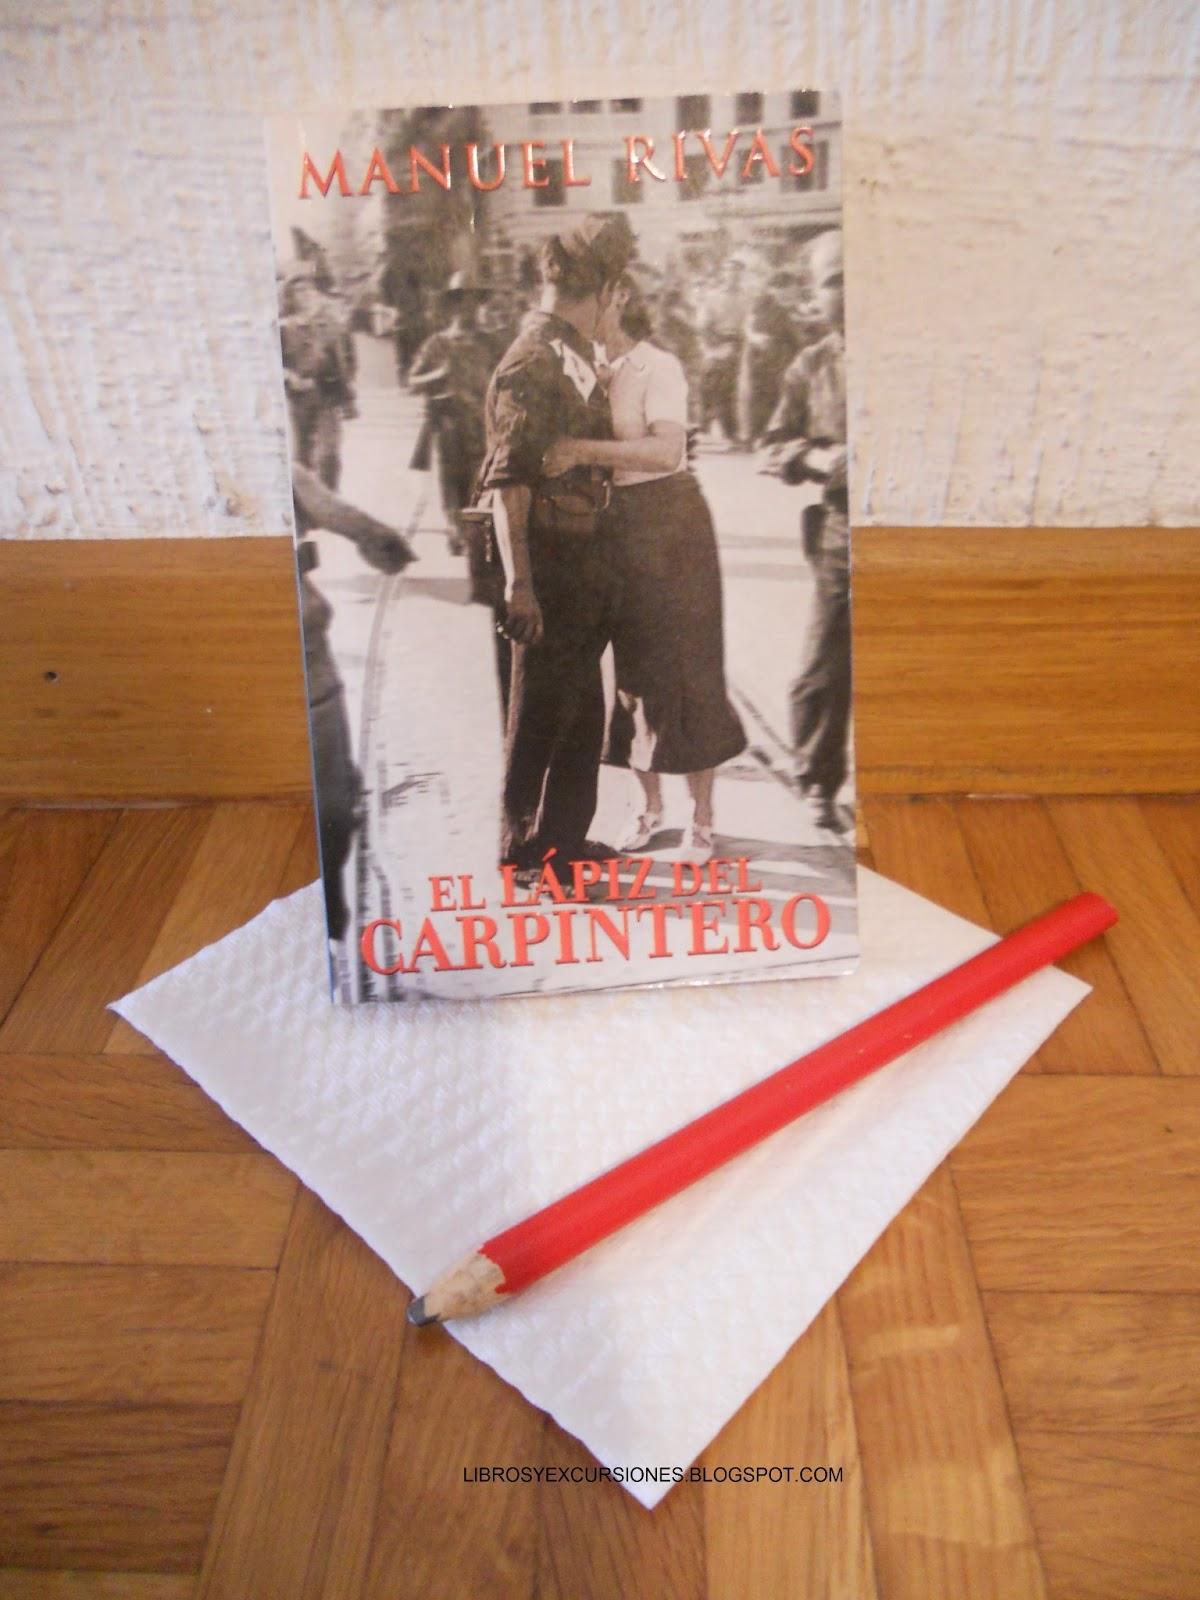 Libros y excursiones el l piz del carpintero de manuel rivas - Carpinteros en santiago de compostela ...